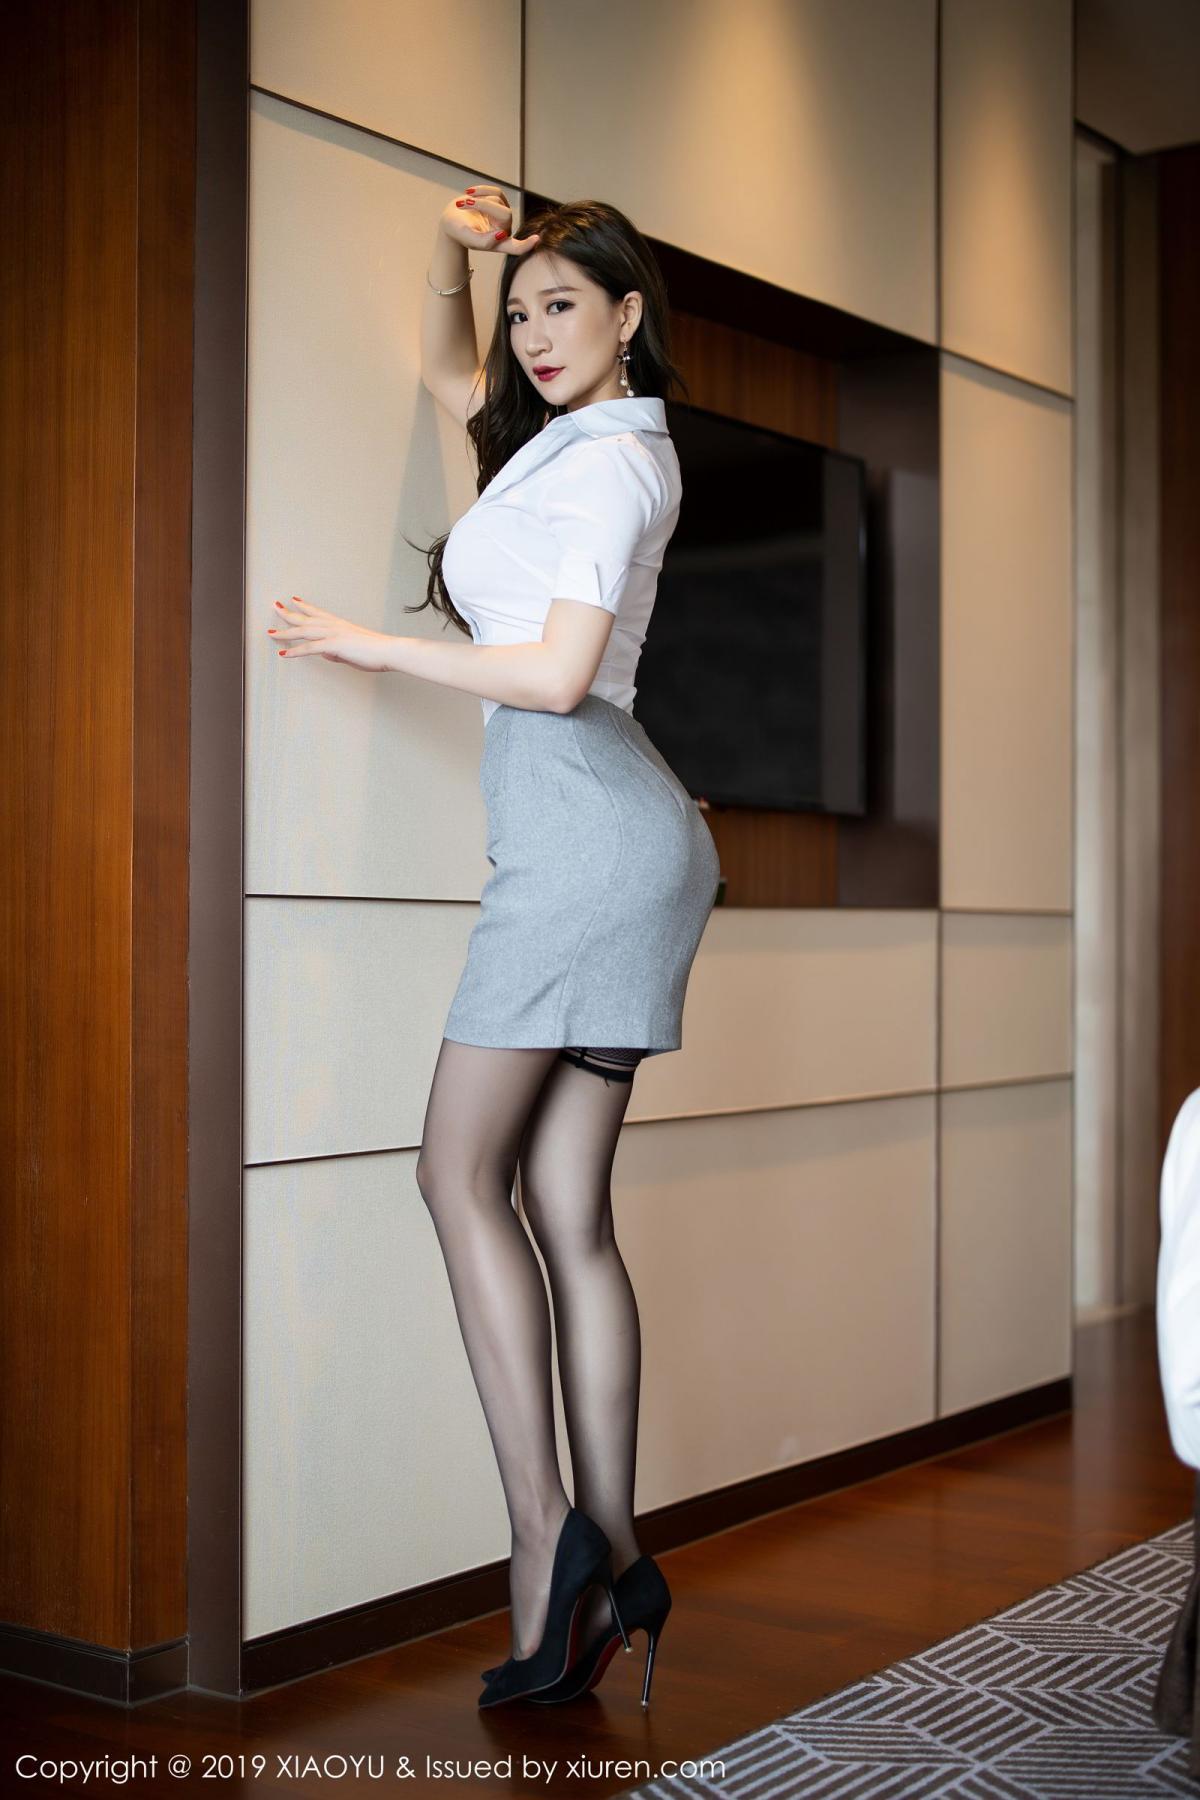 [XiaoYu] Vol.195 Xuan Zi 3P, Tall, Underwear, XiaoYu, Xuan Zi